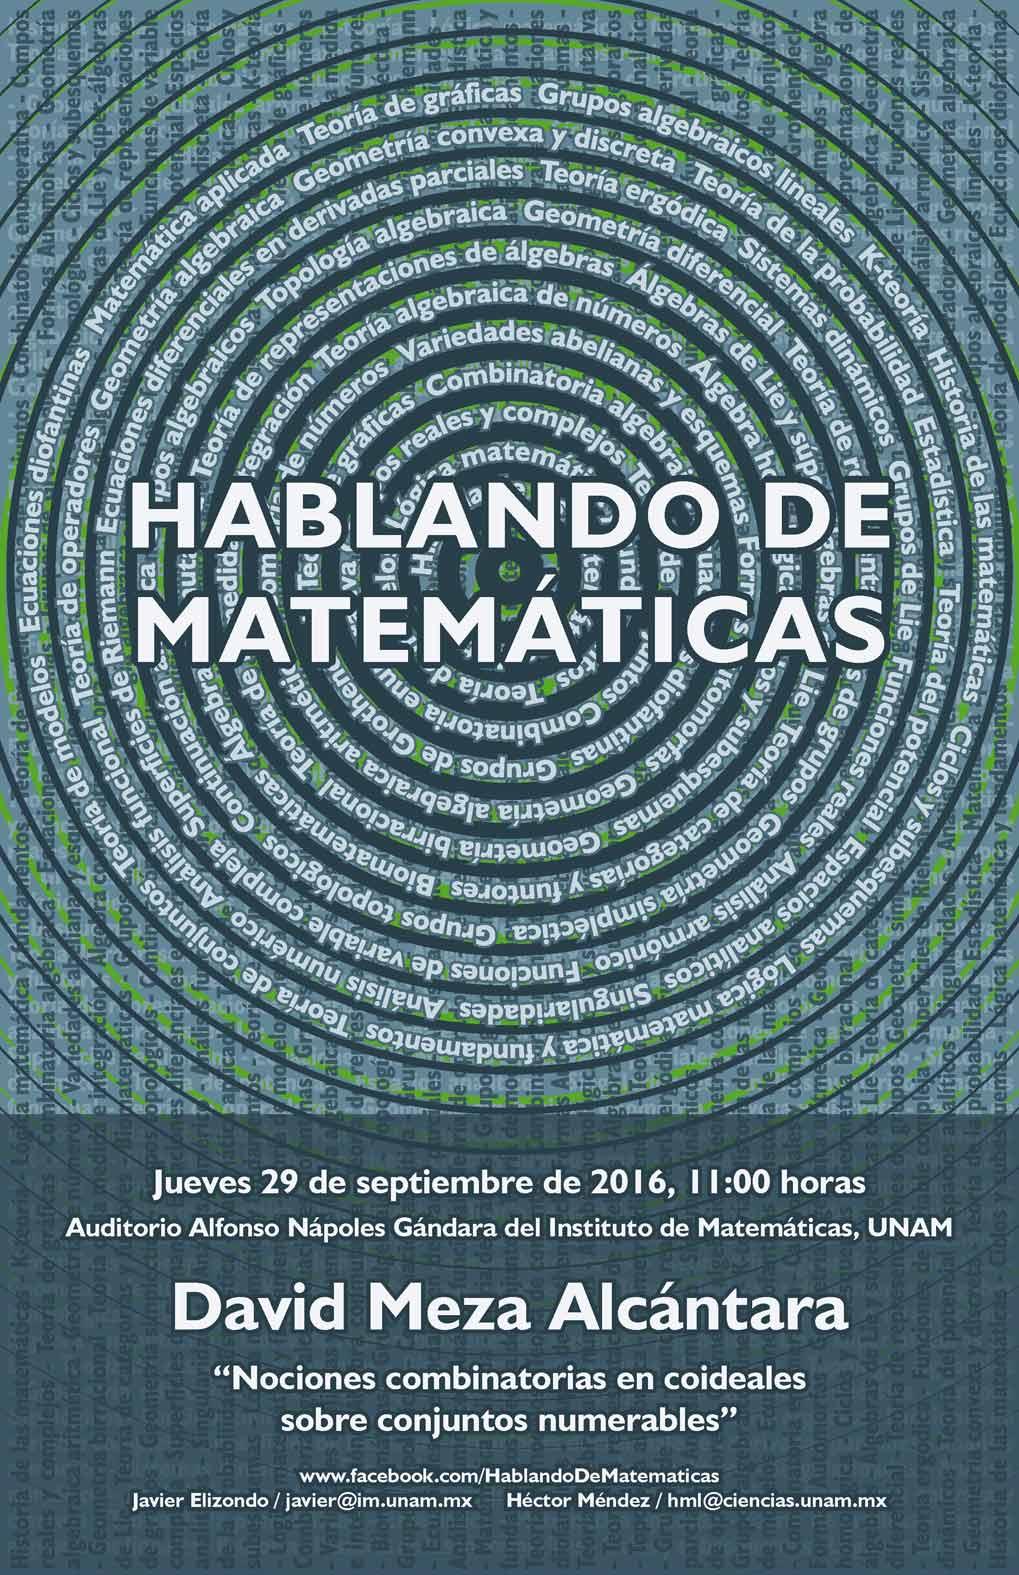 HABLANDO DE MATEMÁTICAS: David Meza Alcántara, Facultad de Ciencias, UNAM